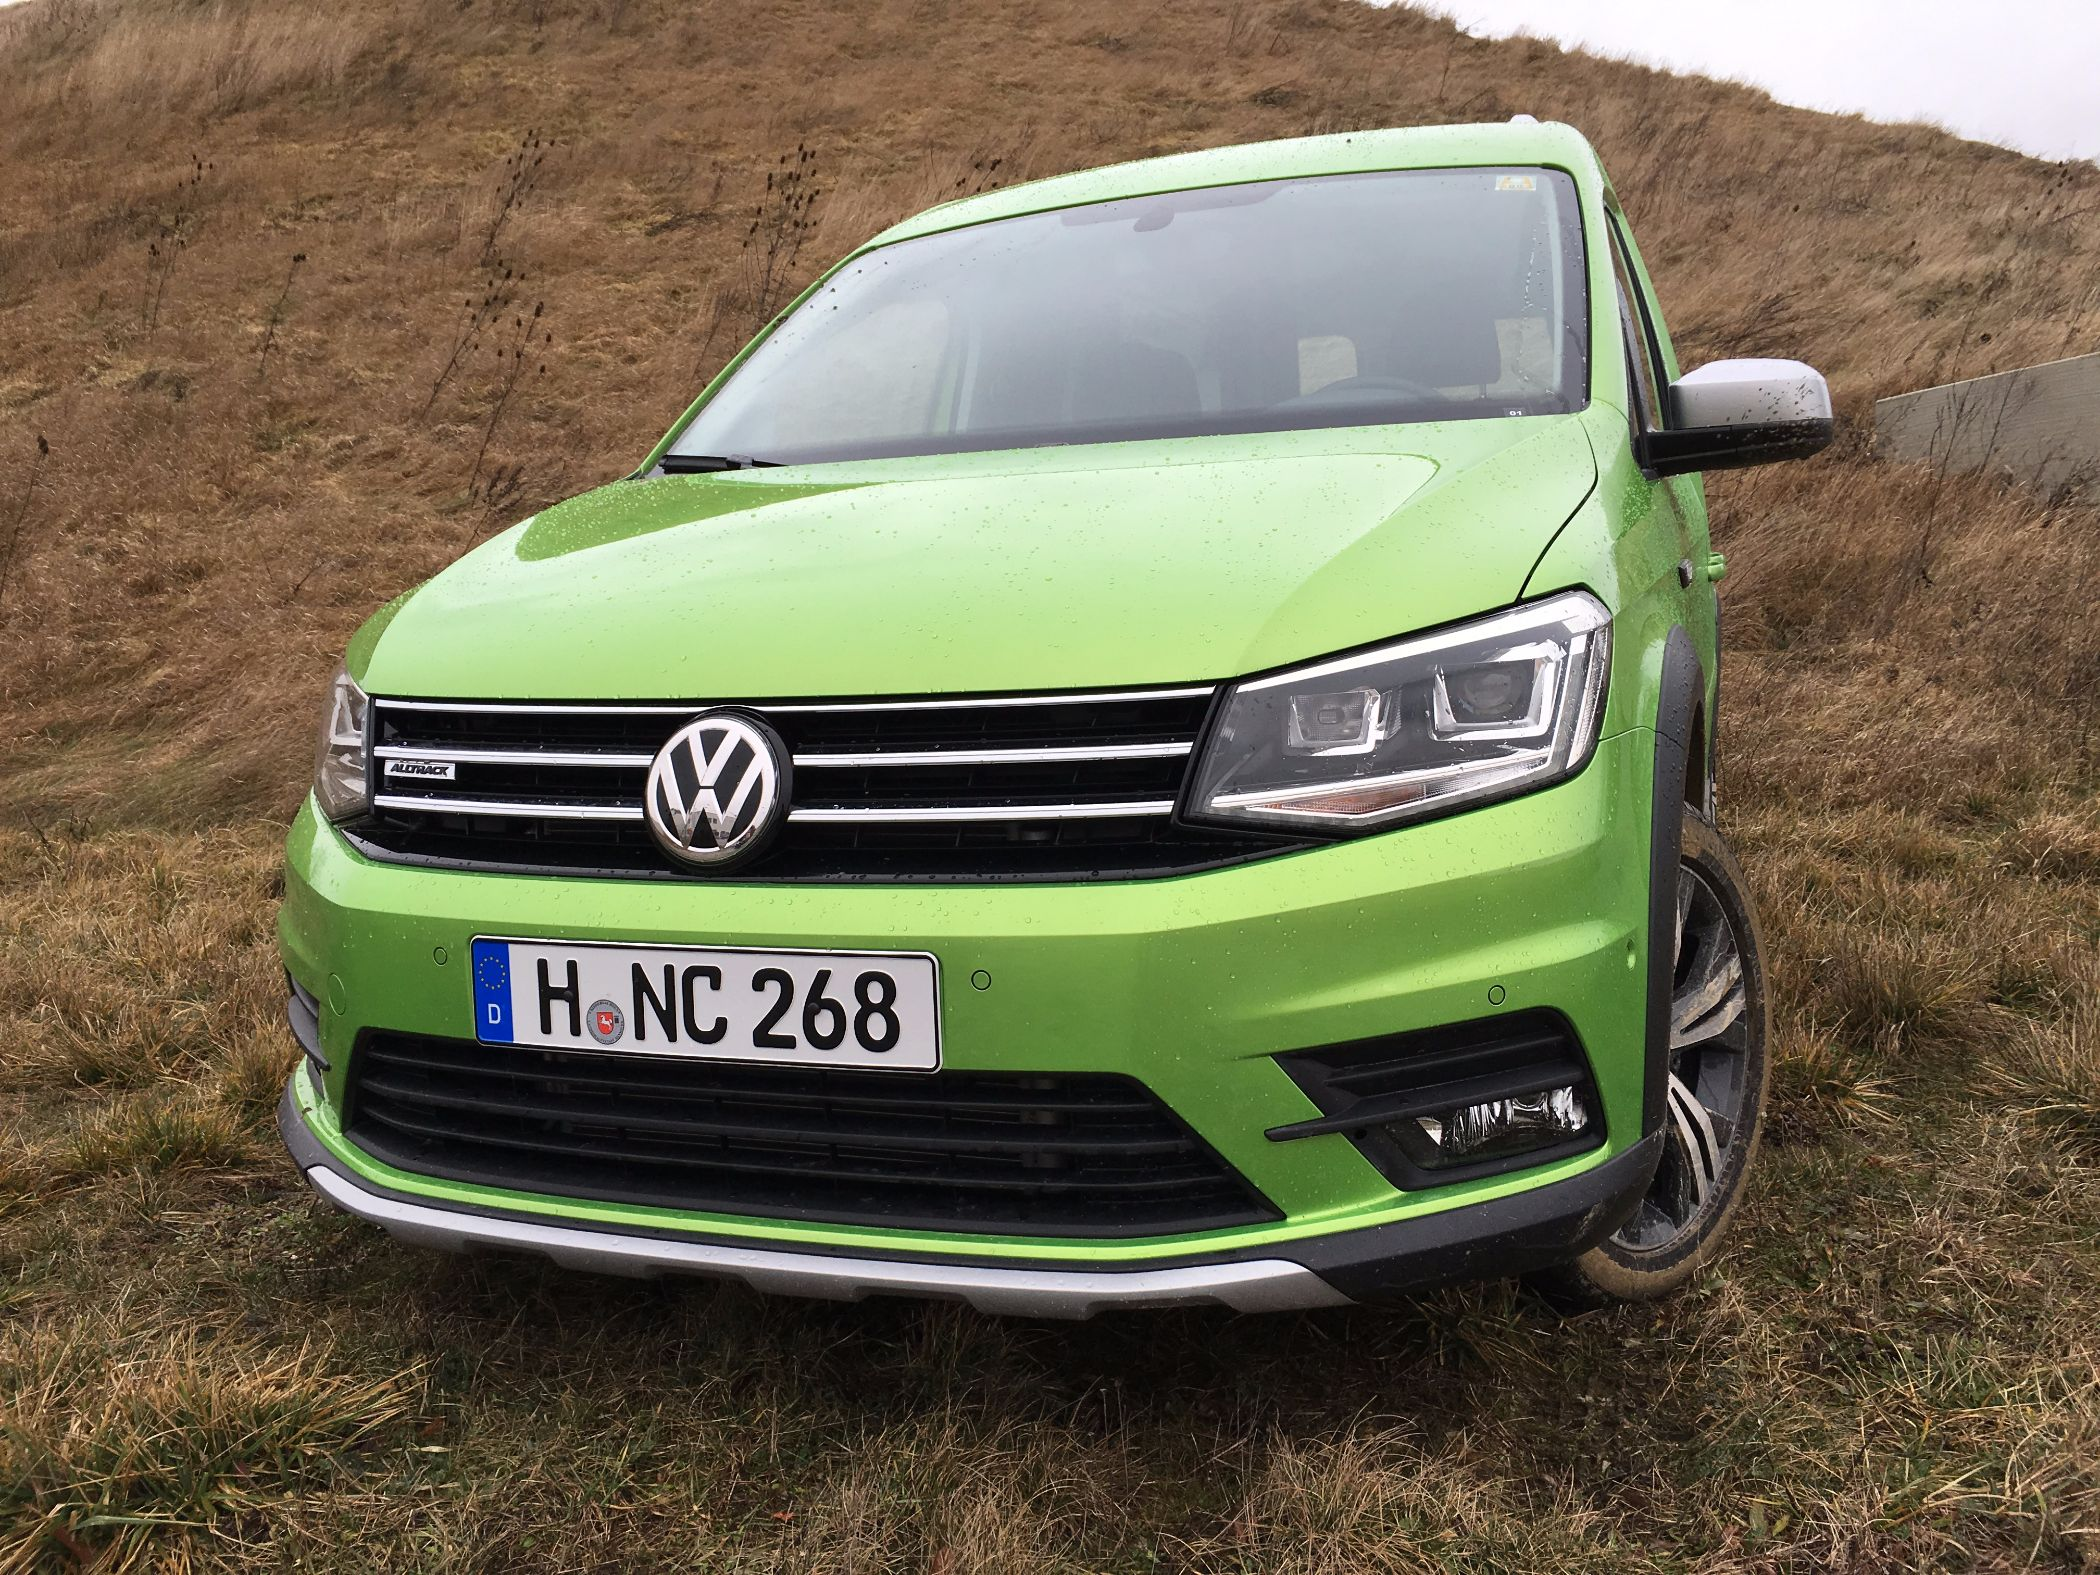 Volkswagen Caddy Alltrack Front 2016